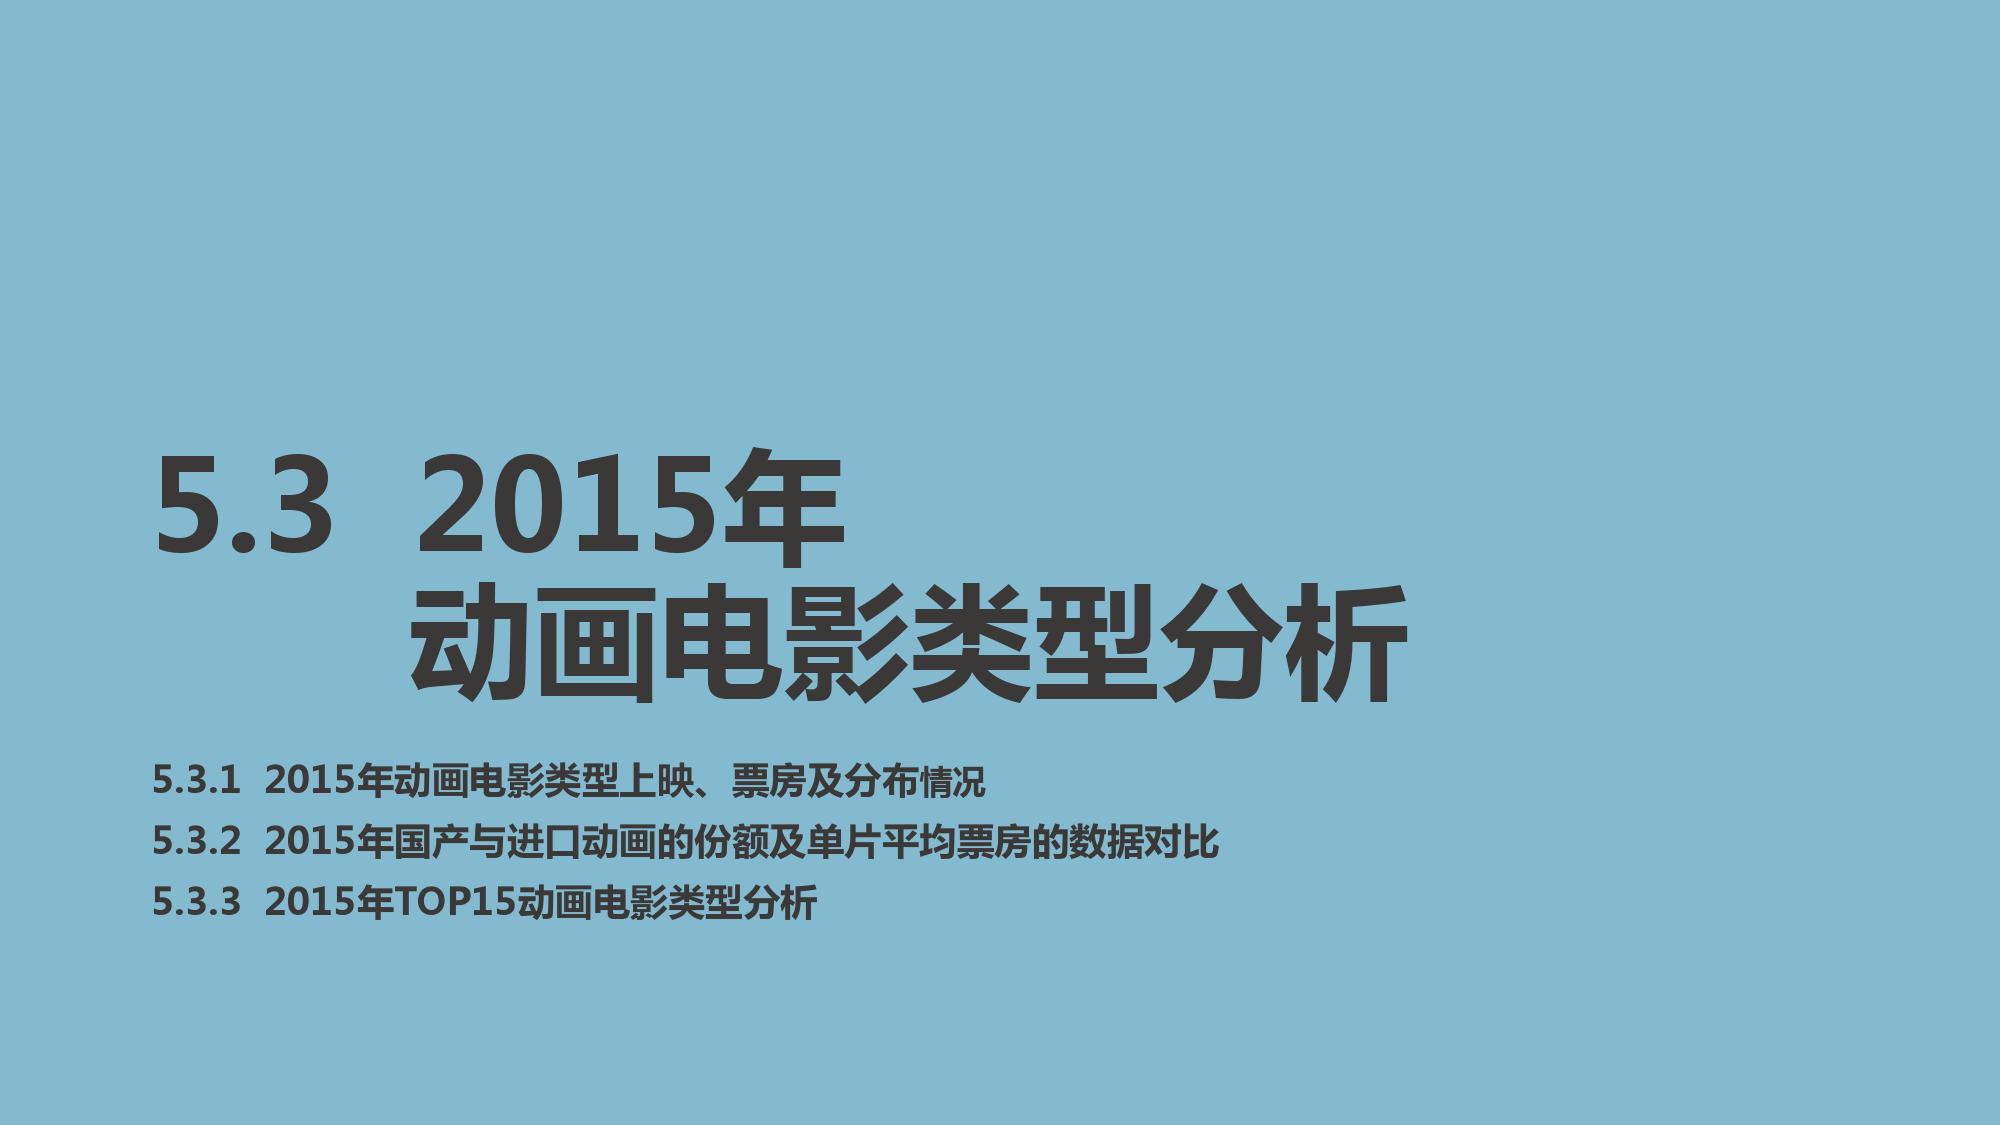 2015年度中国电影产业报告_000071